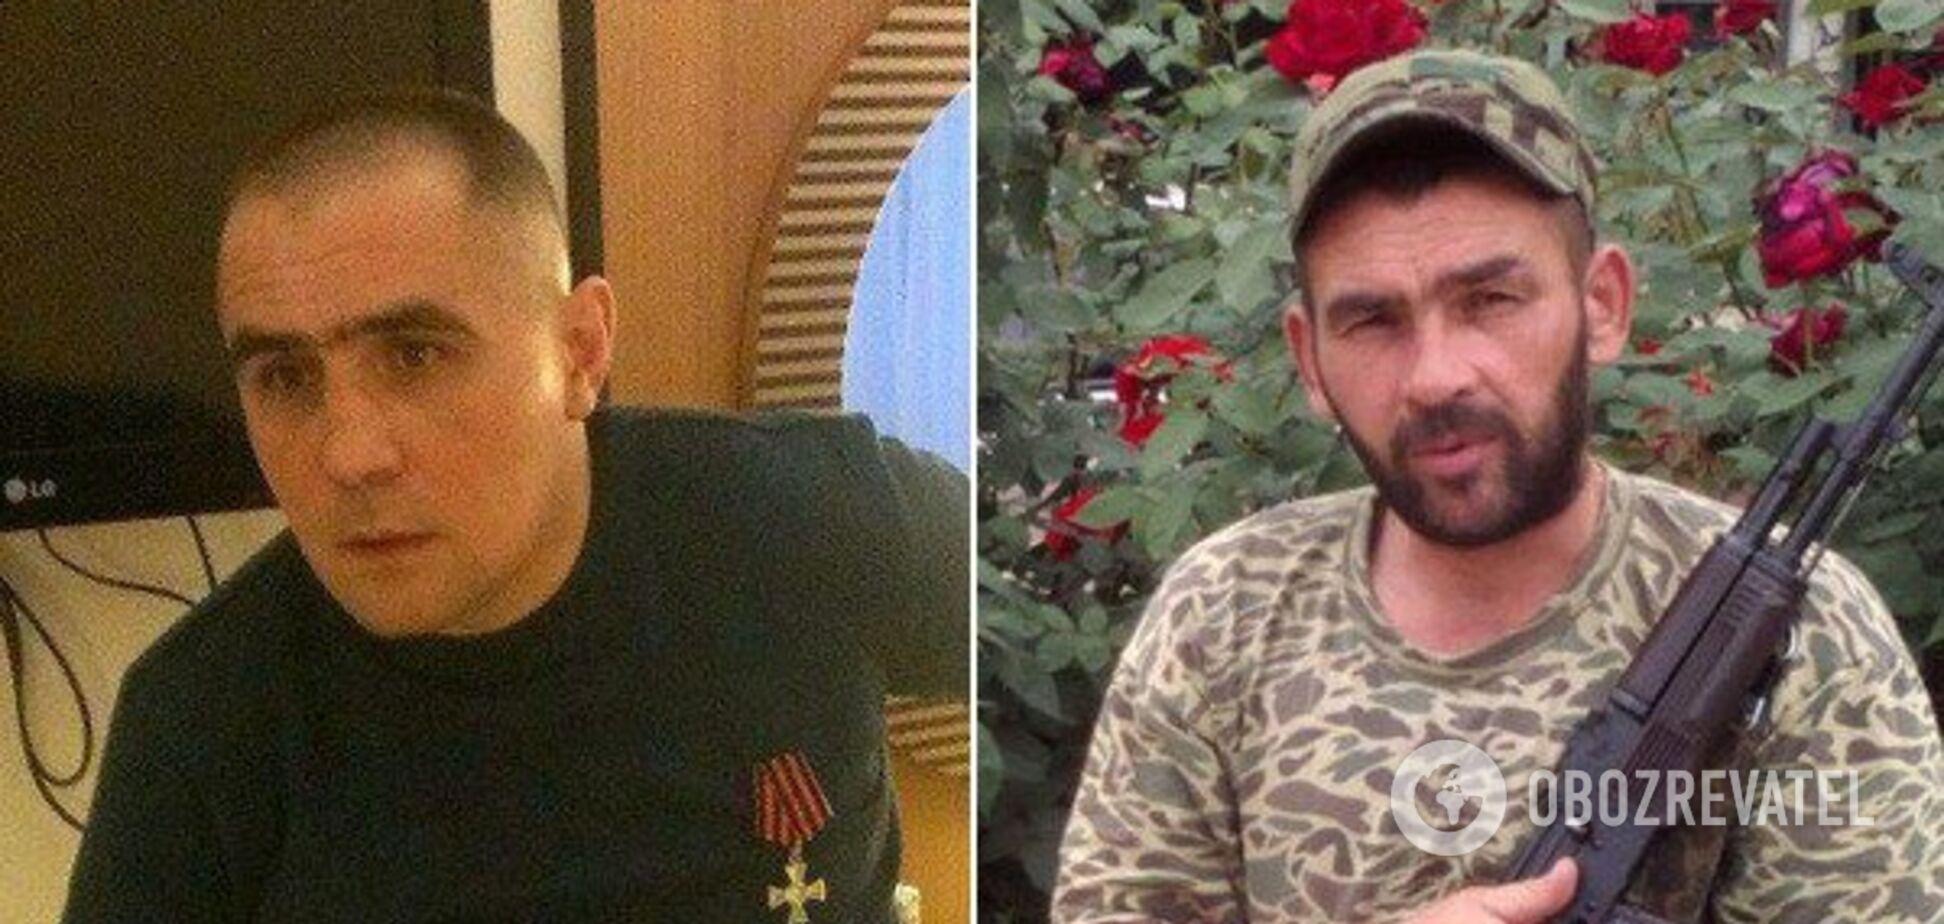 ВСУ ликвидировали террористов 'Л/ДНР': опубликованы фото убитых наемников